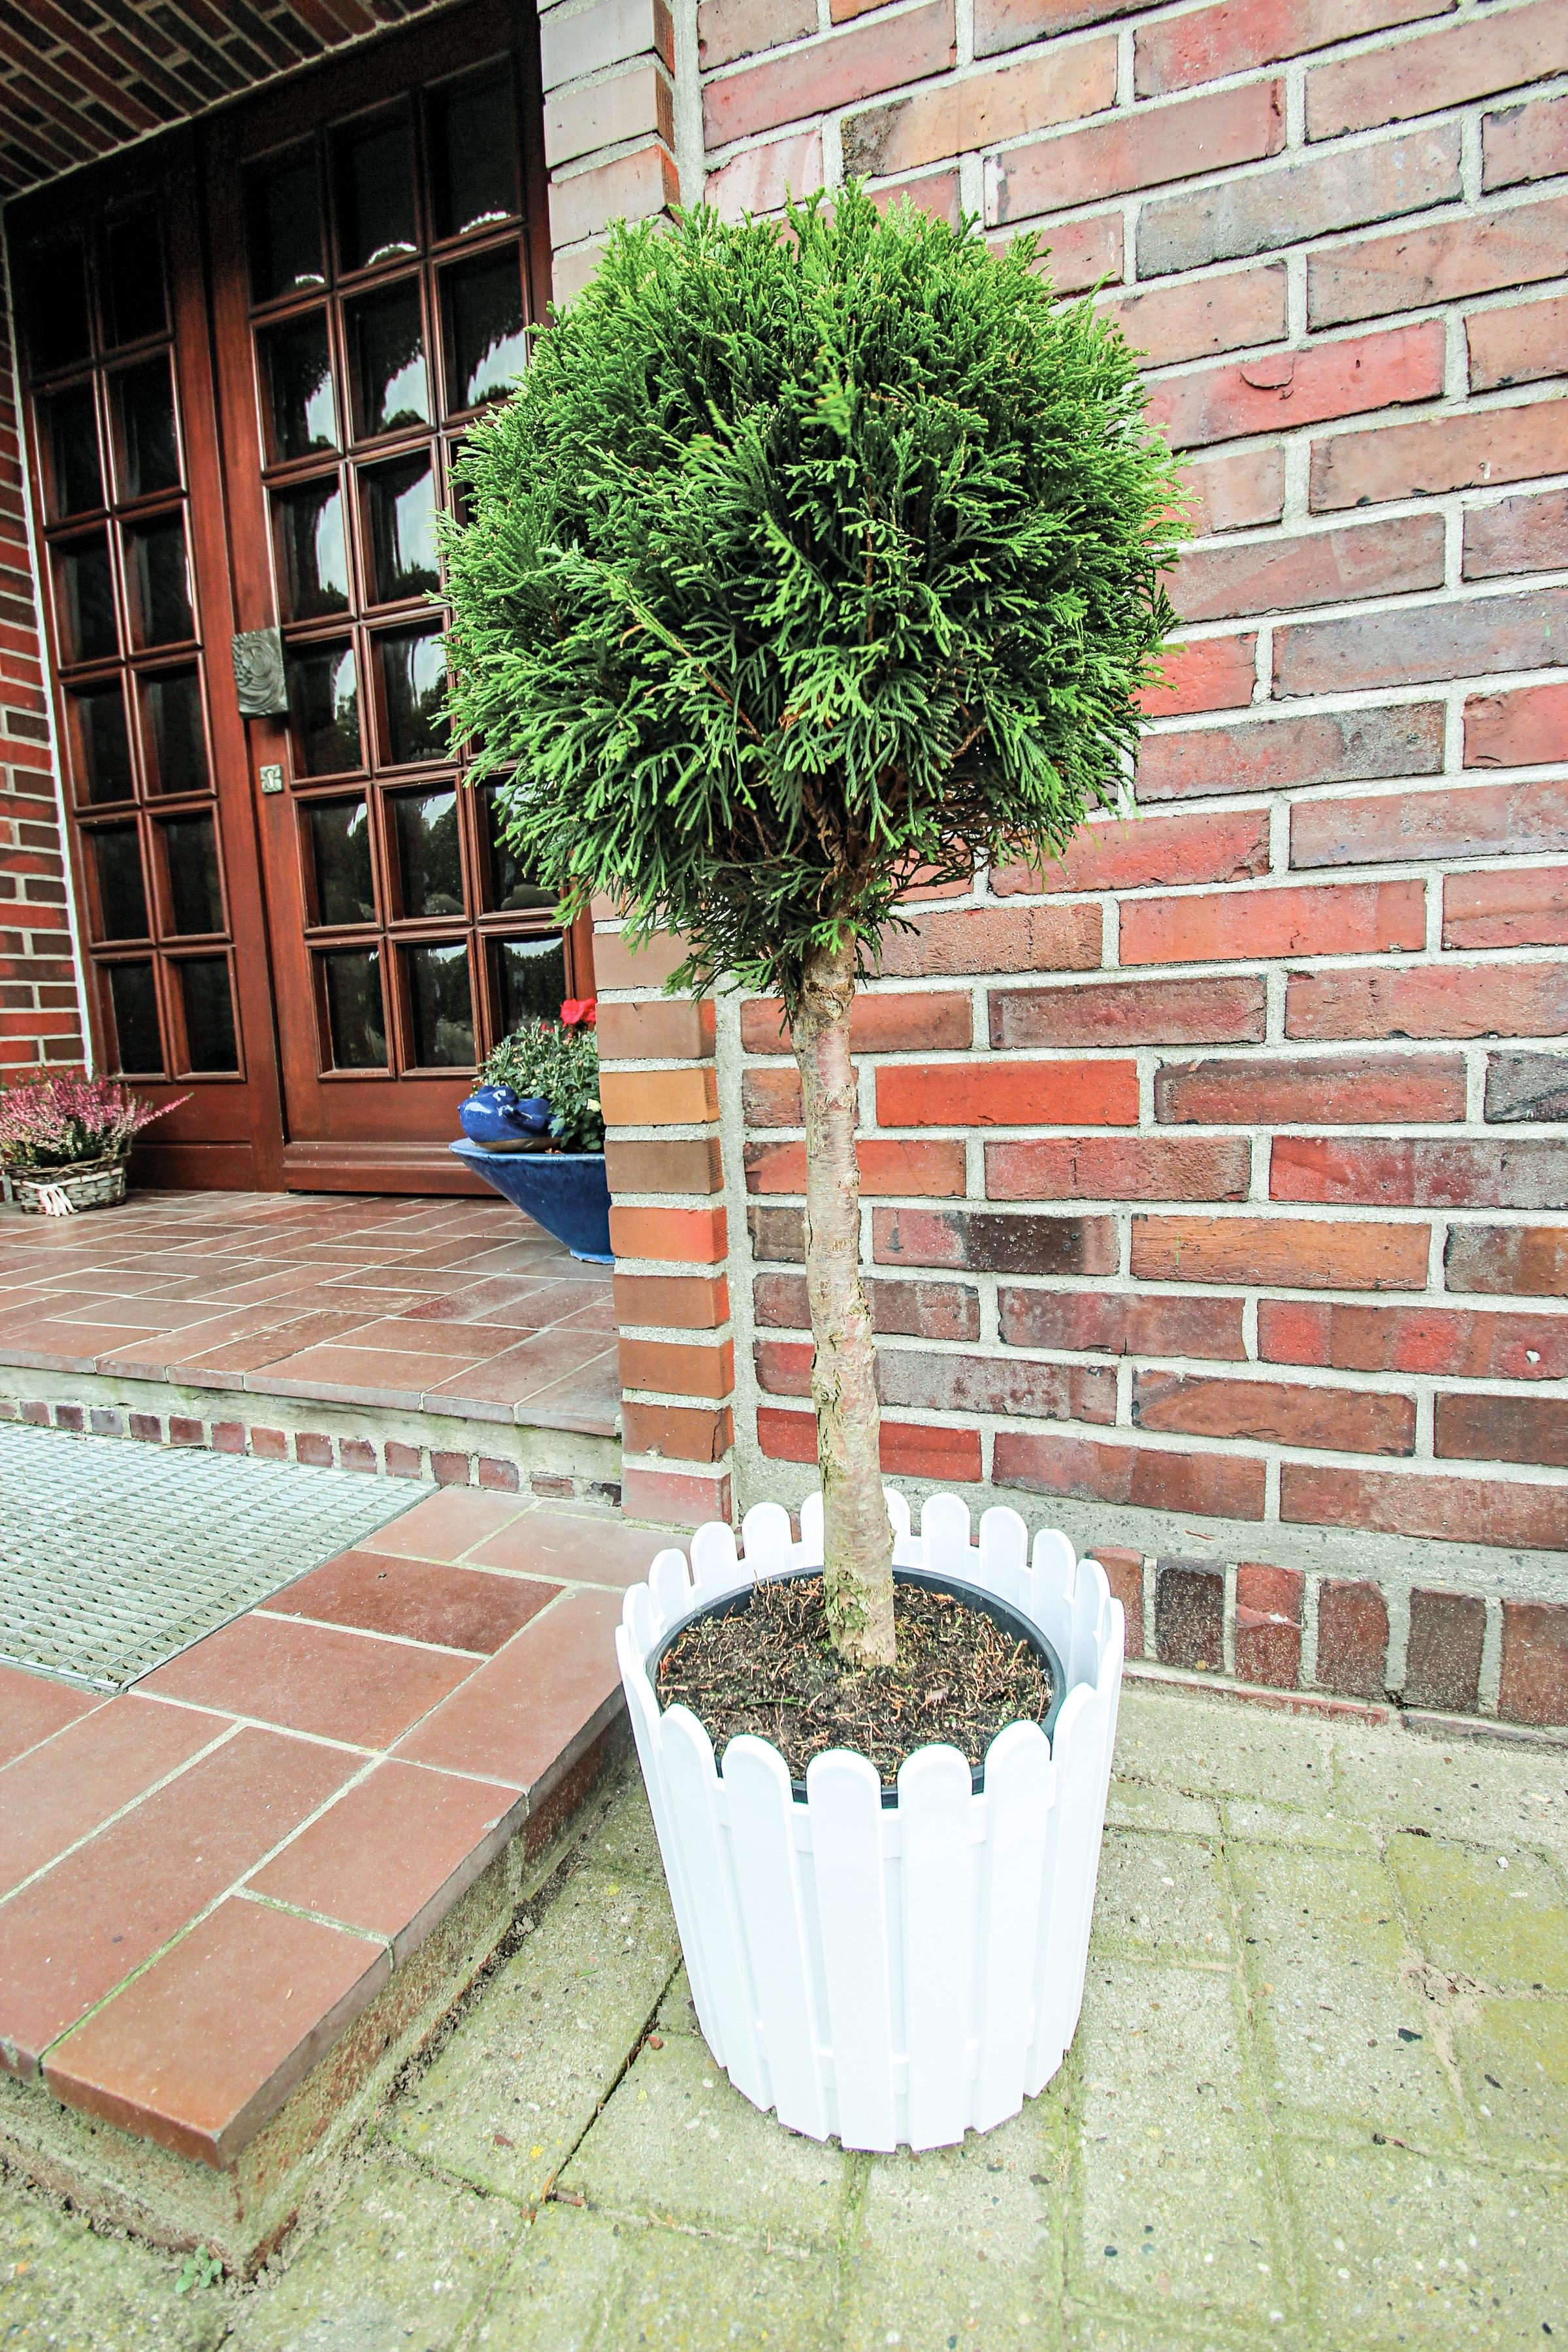 BCM Hecken Konifere Smaragd Stämmchen grün Heckenpflanzen Pflanzen Garten Balkon